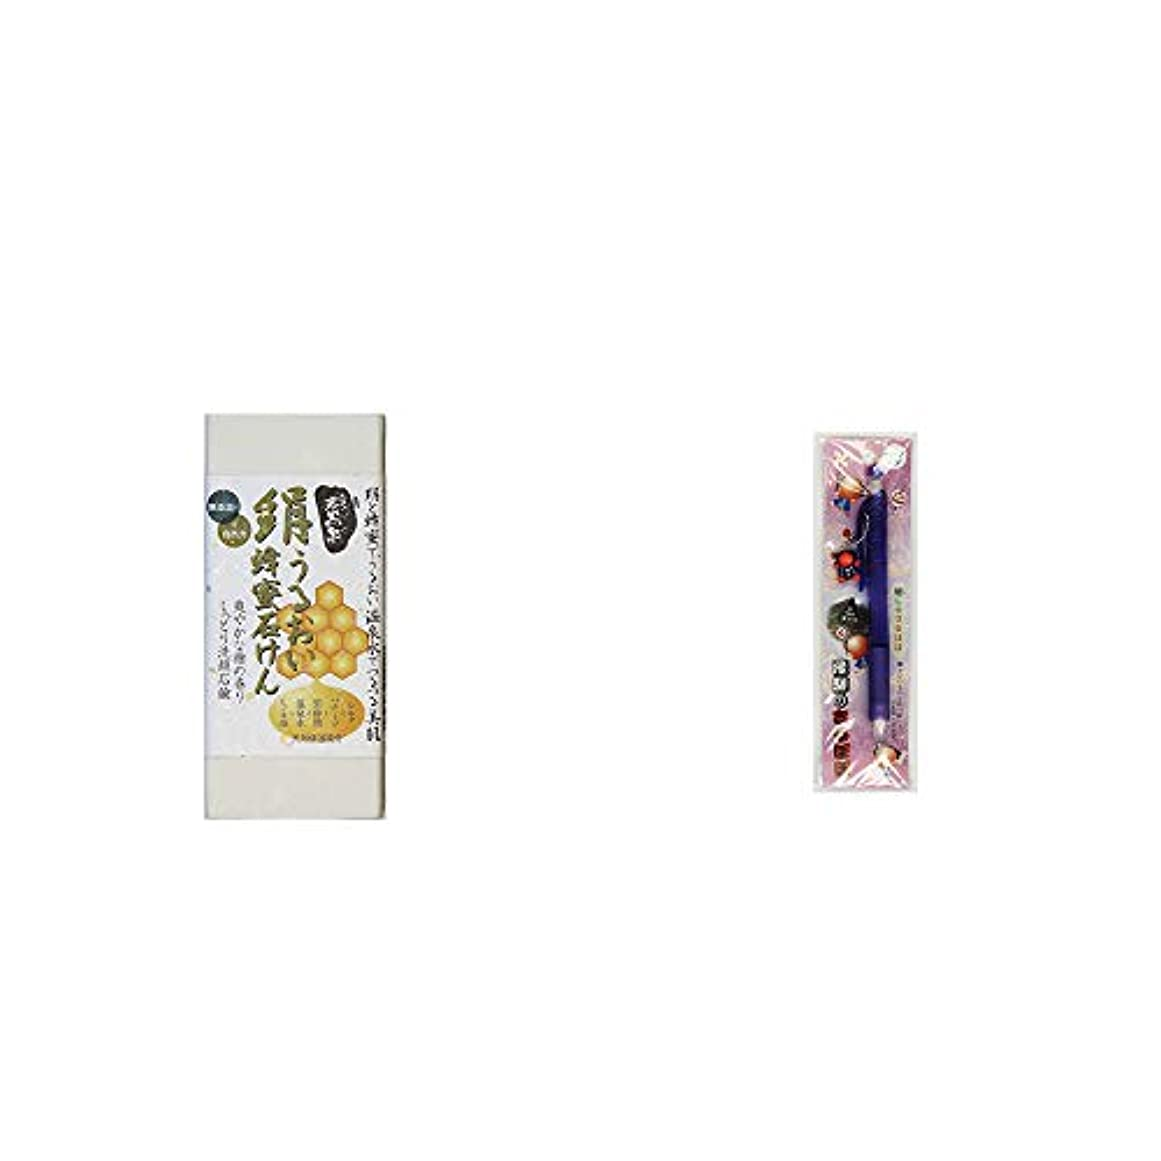 リスケーキ不均一[2点セット] ひのき炭黒泉 絹うるおい蜂蜜石けん(75g×2)?さるぼぼ 癒しシャープペン 【パープル】